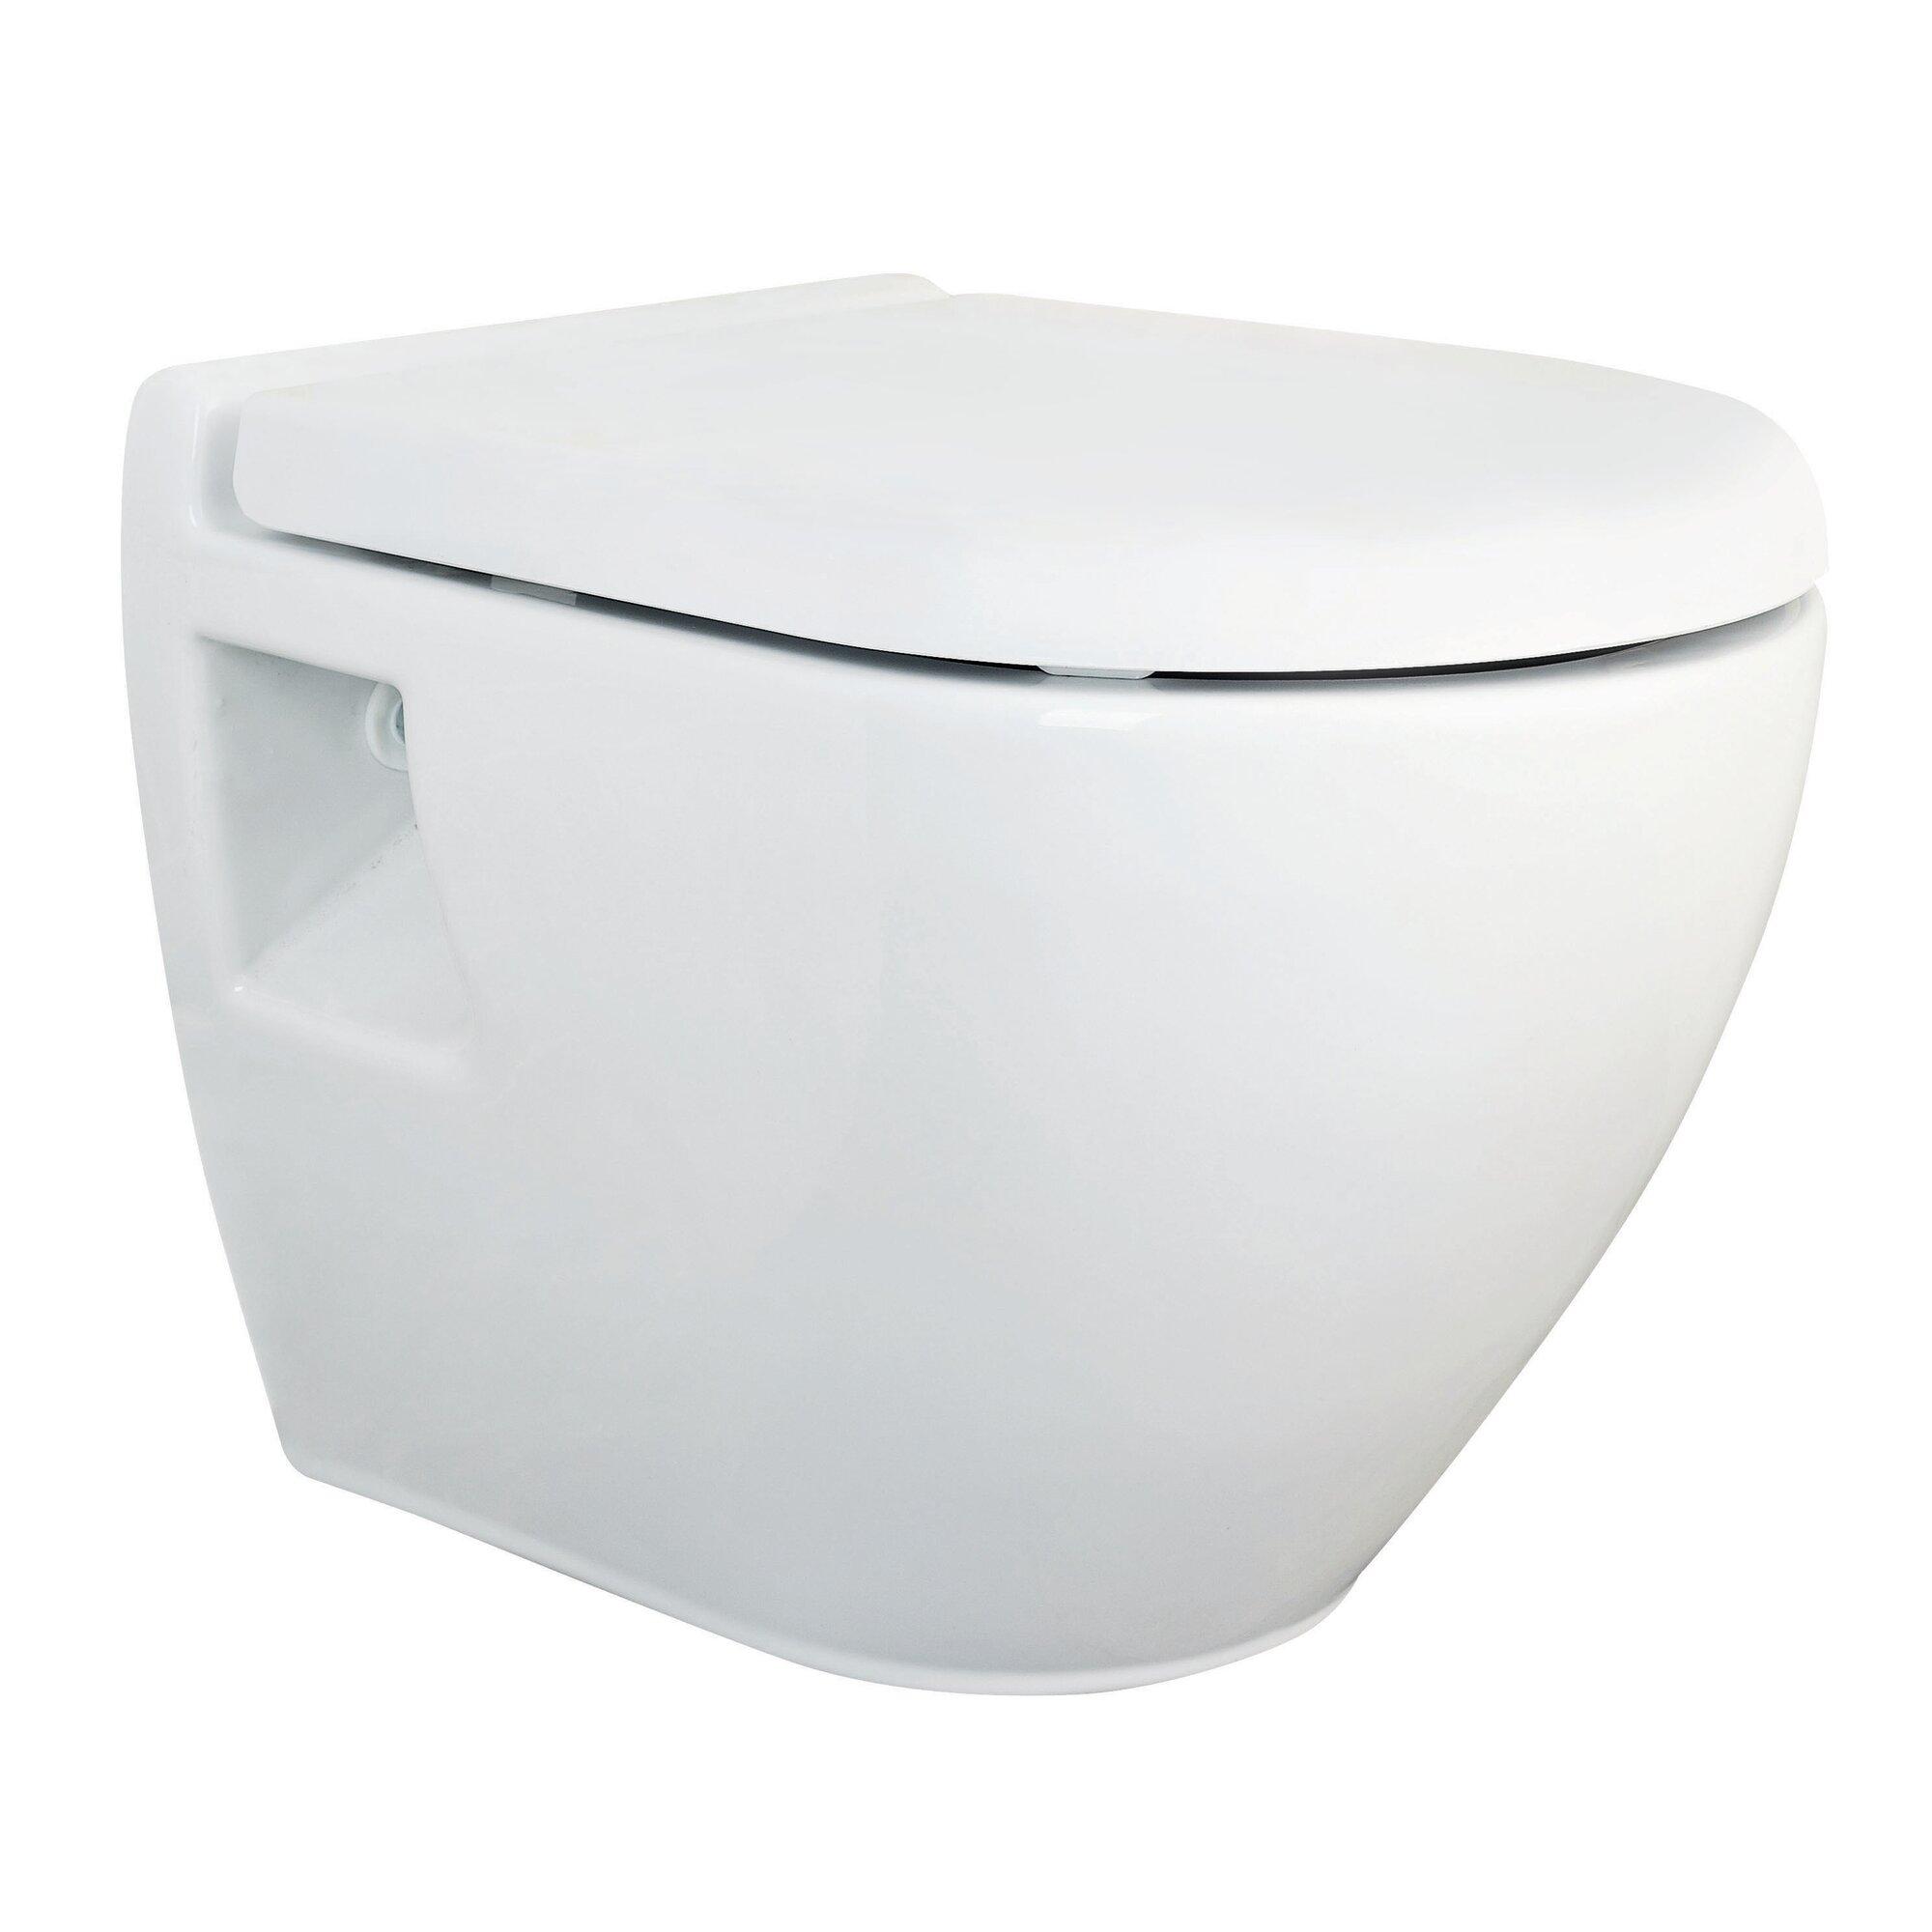 circular toilet seat uk. Toilet Seats Wayfaircouk  Circular toilet seat uk Are A Standard Size VictoriaPlumcom